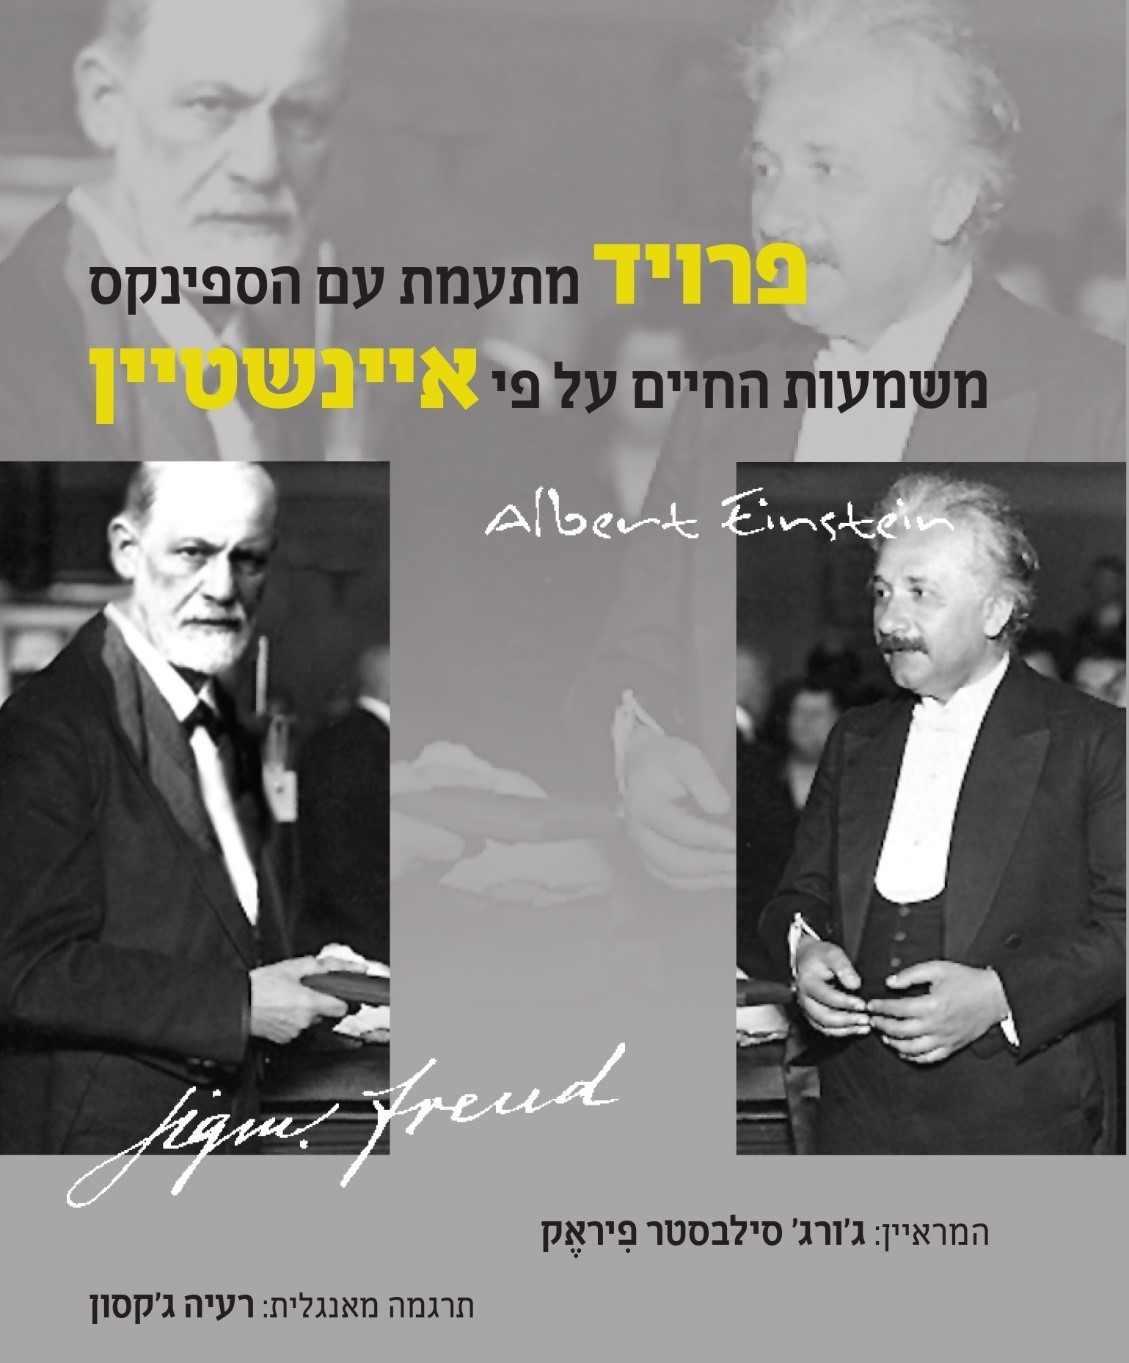 חפצים השנים הן 1926 ו-1929. המקום אוסטריה.<br>המראיין – העיתונאי ג'ורג' סילבסטר פיראק, יהודי אמריקאי ממוצא גרמני.<br>המרואיינים – זיגמונד פרויד ואלברט איינשטיין.